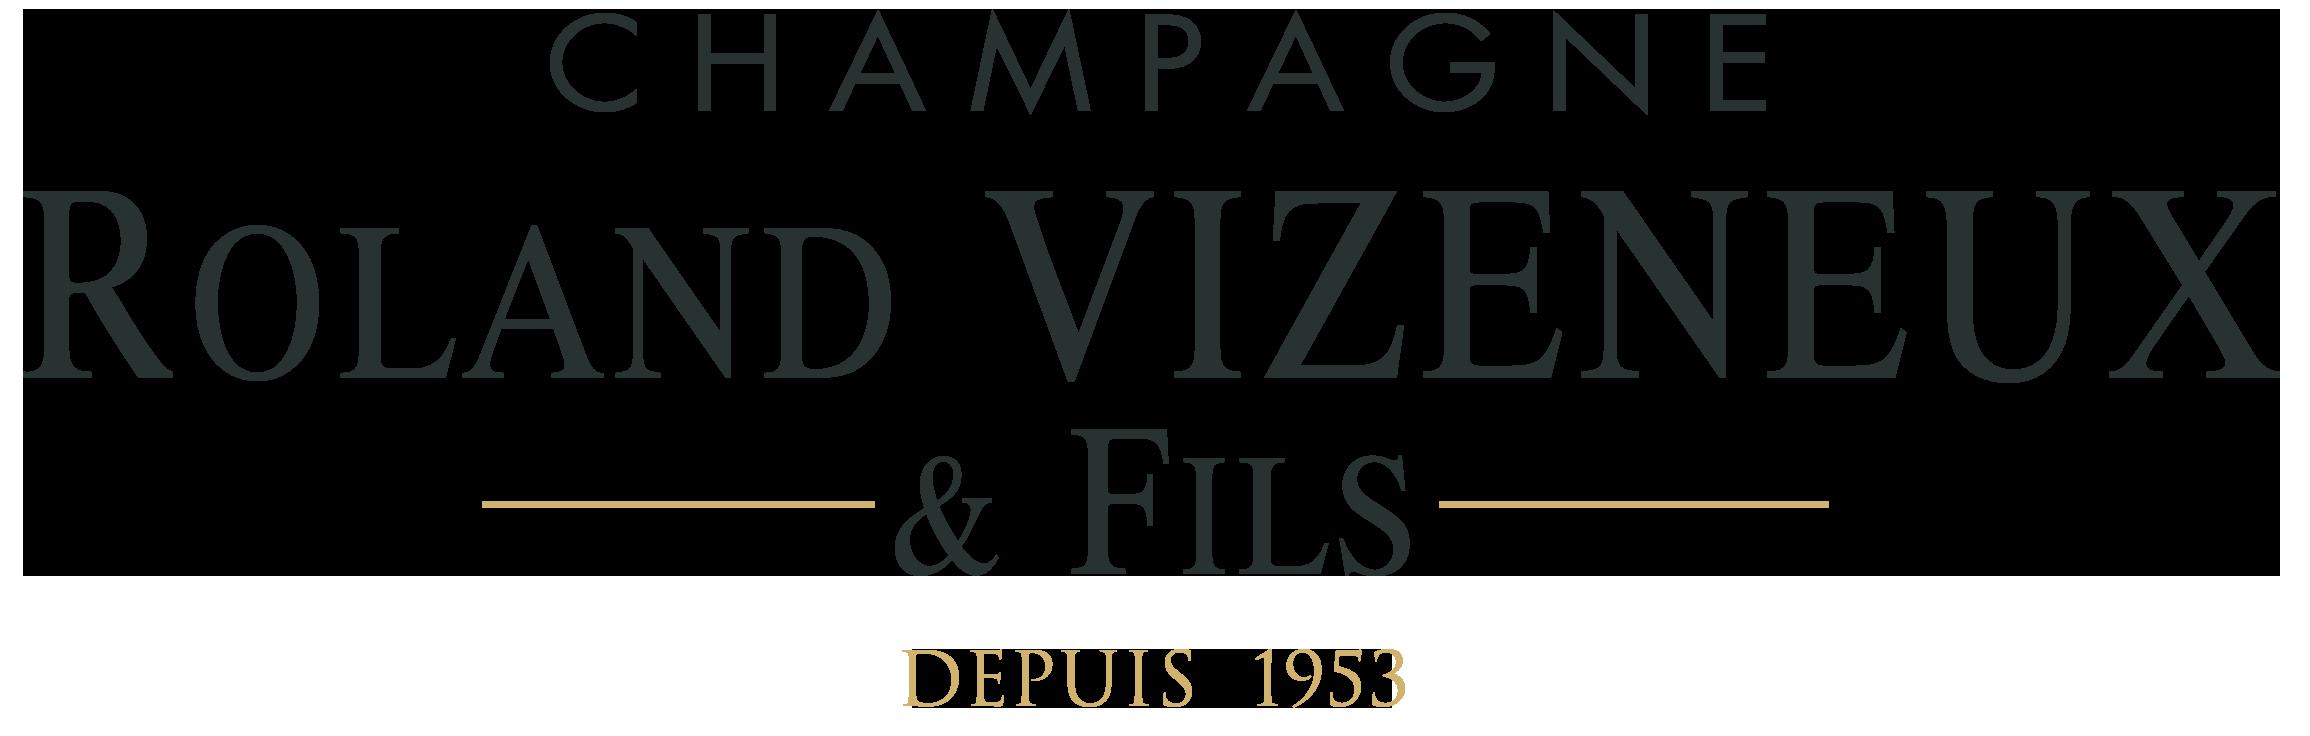 Champagne Roland Vizeneux